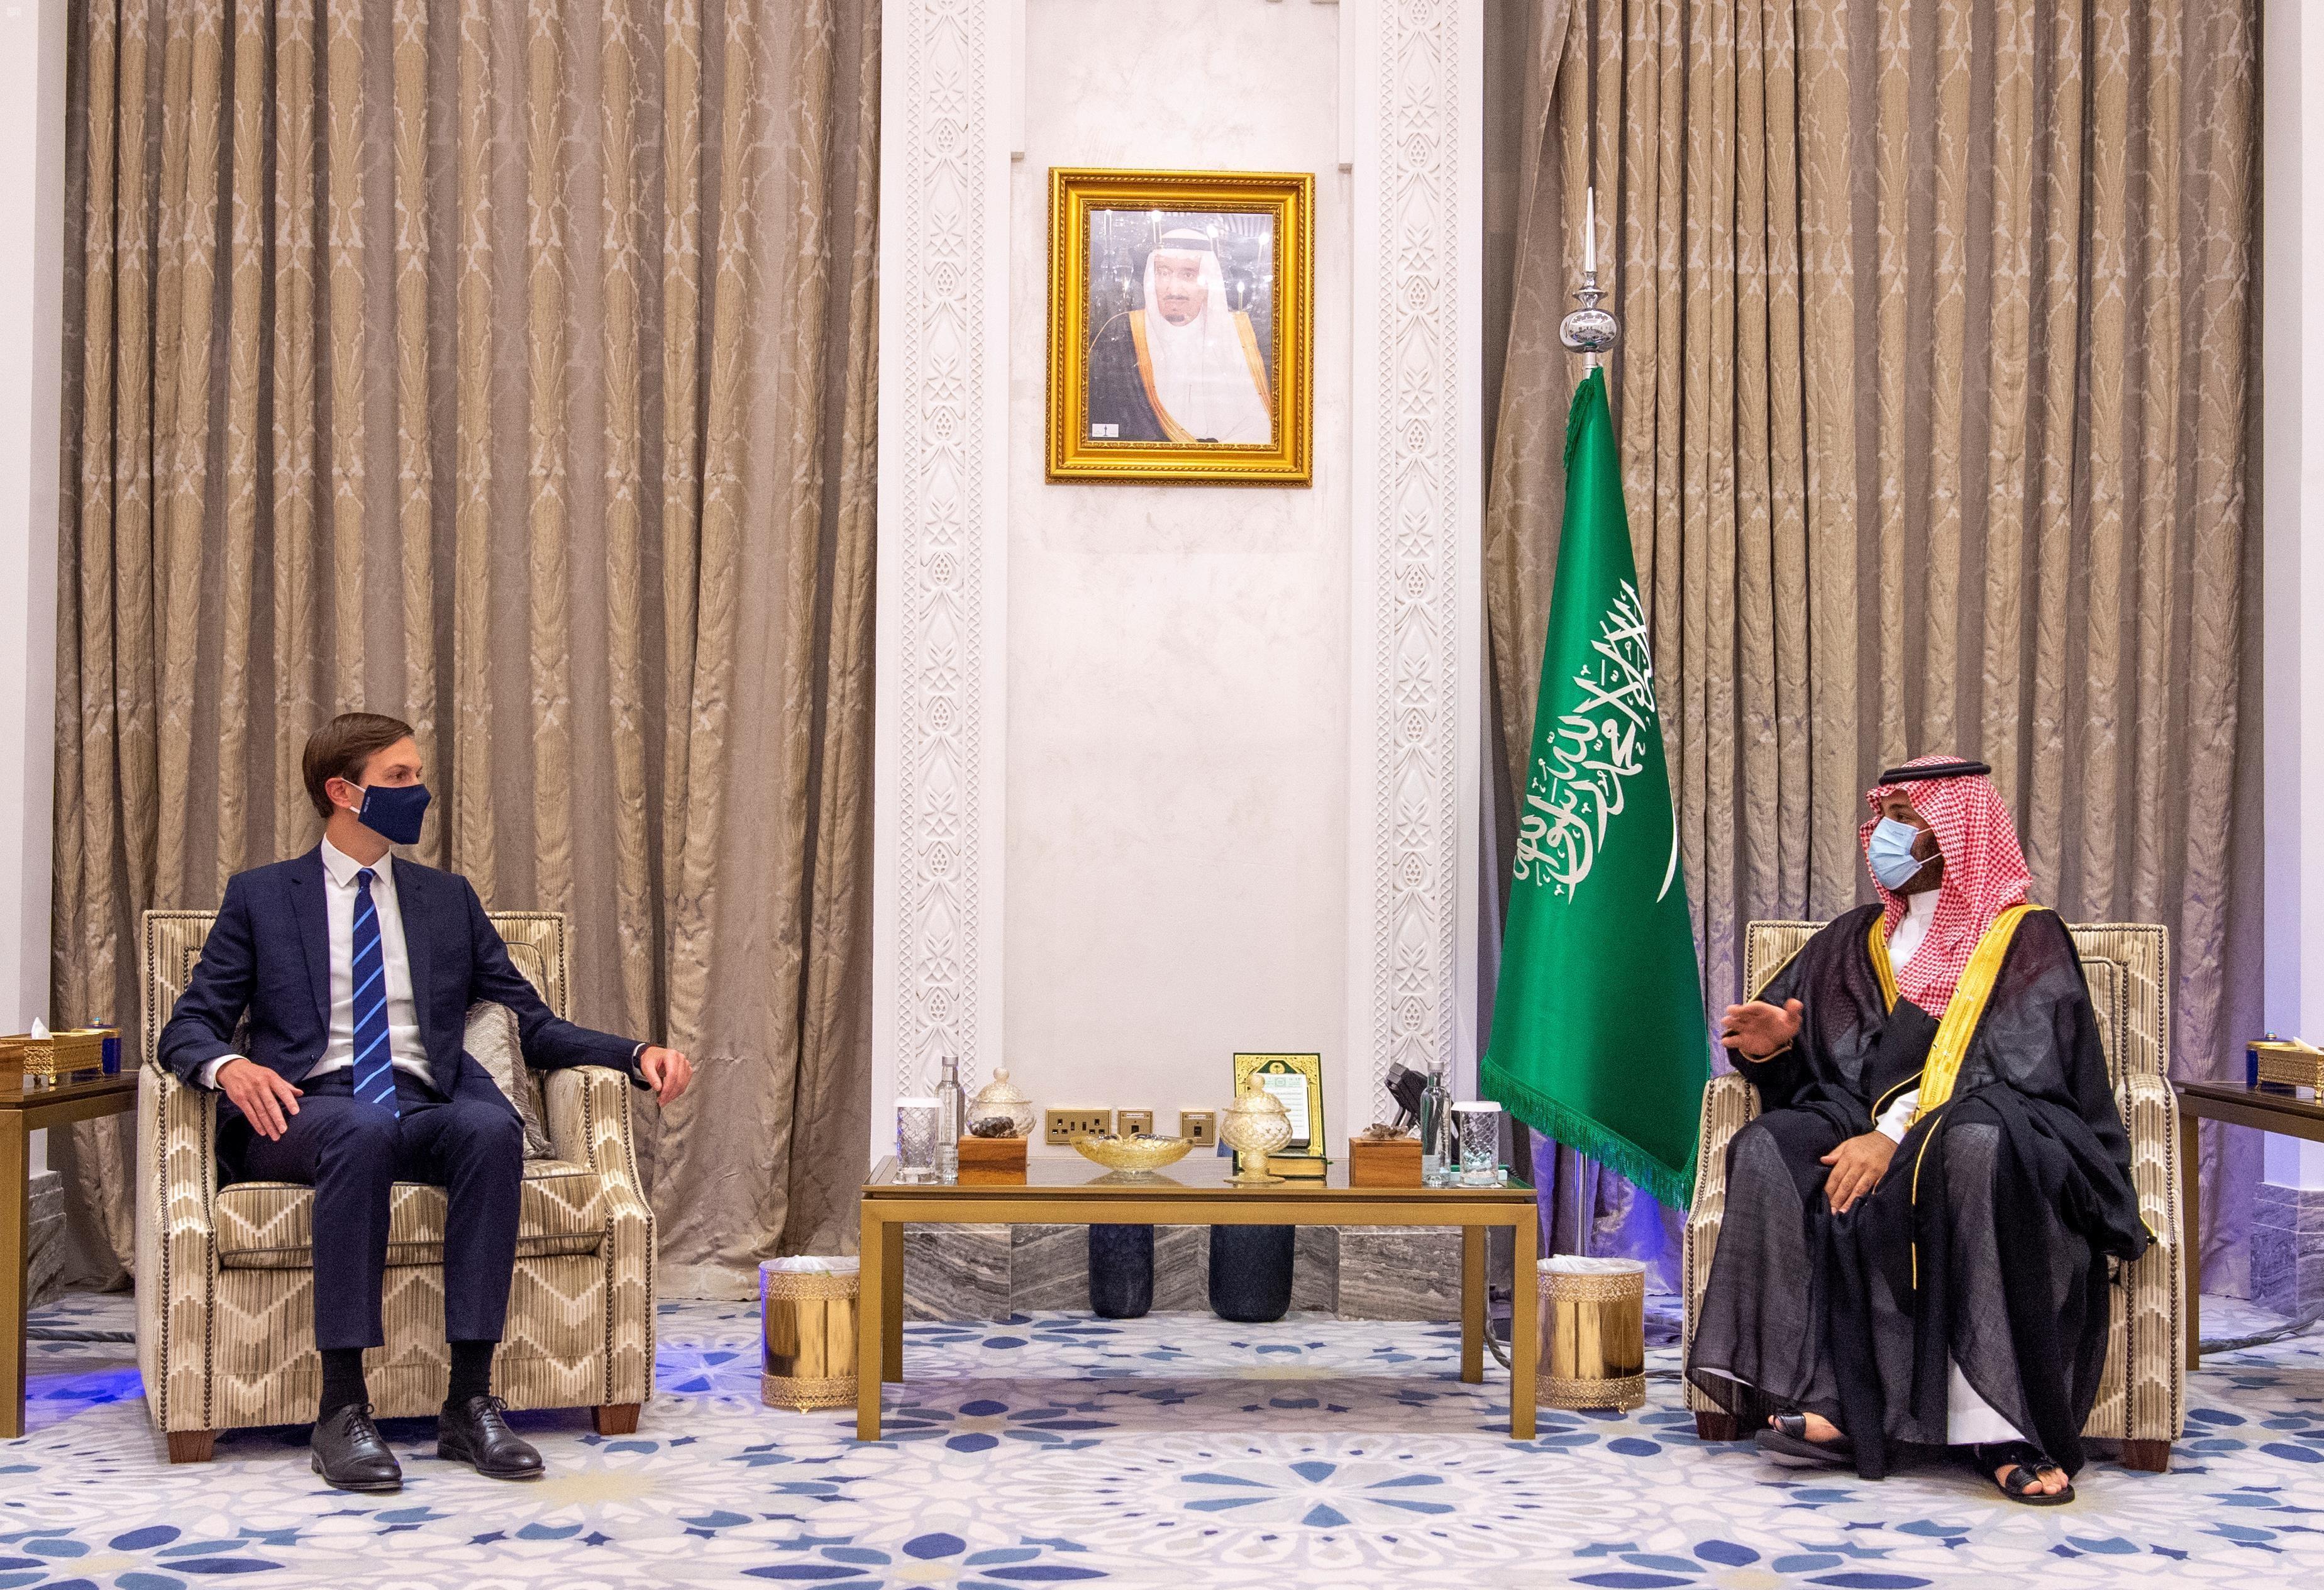 كوشنر ومسؤولون أميركيون على أمل بتطبيع العلاقات بين إسرائيل والسعودية . أرشيفية